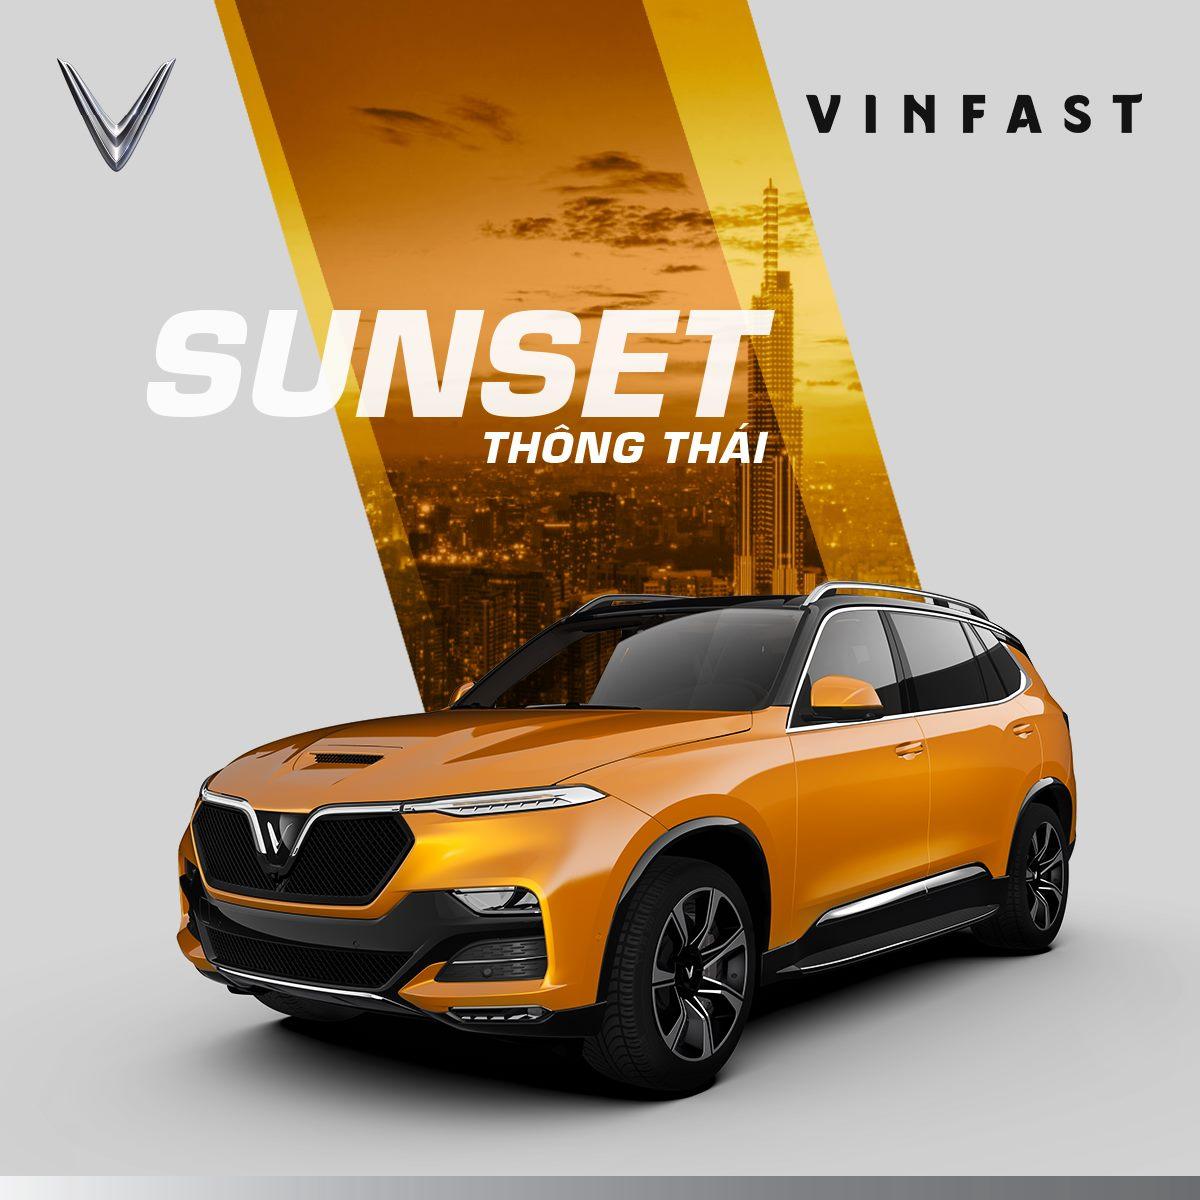 vinfast-president-1.jpg